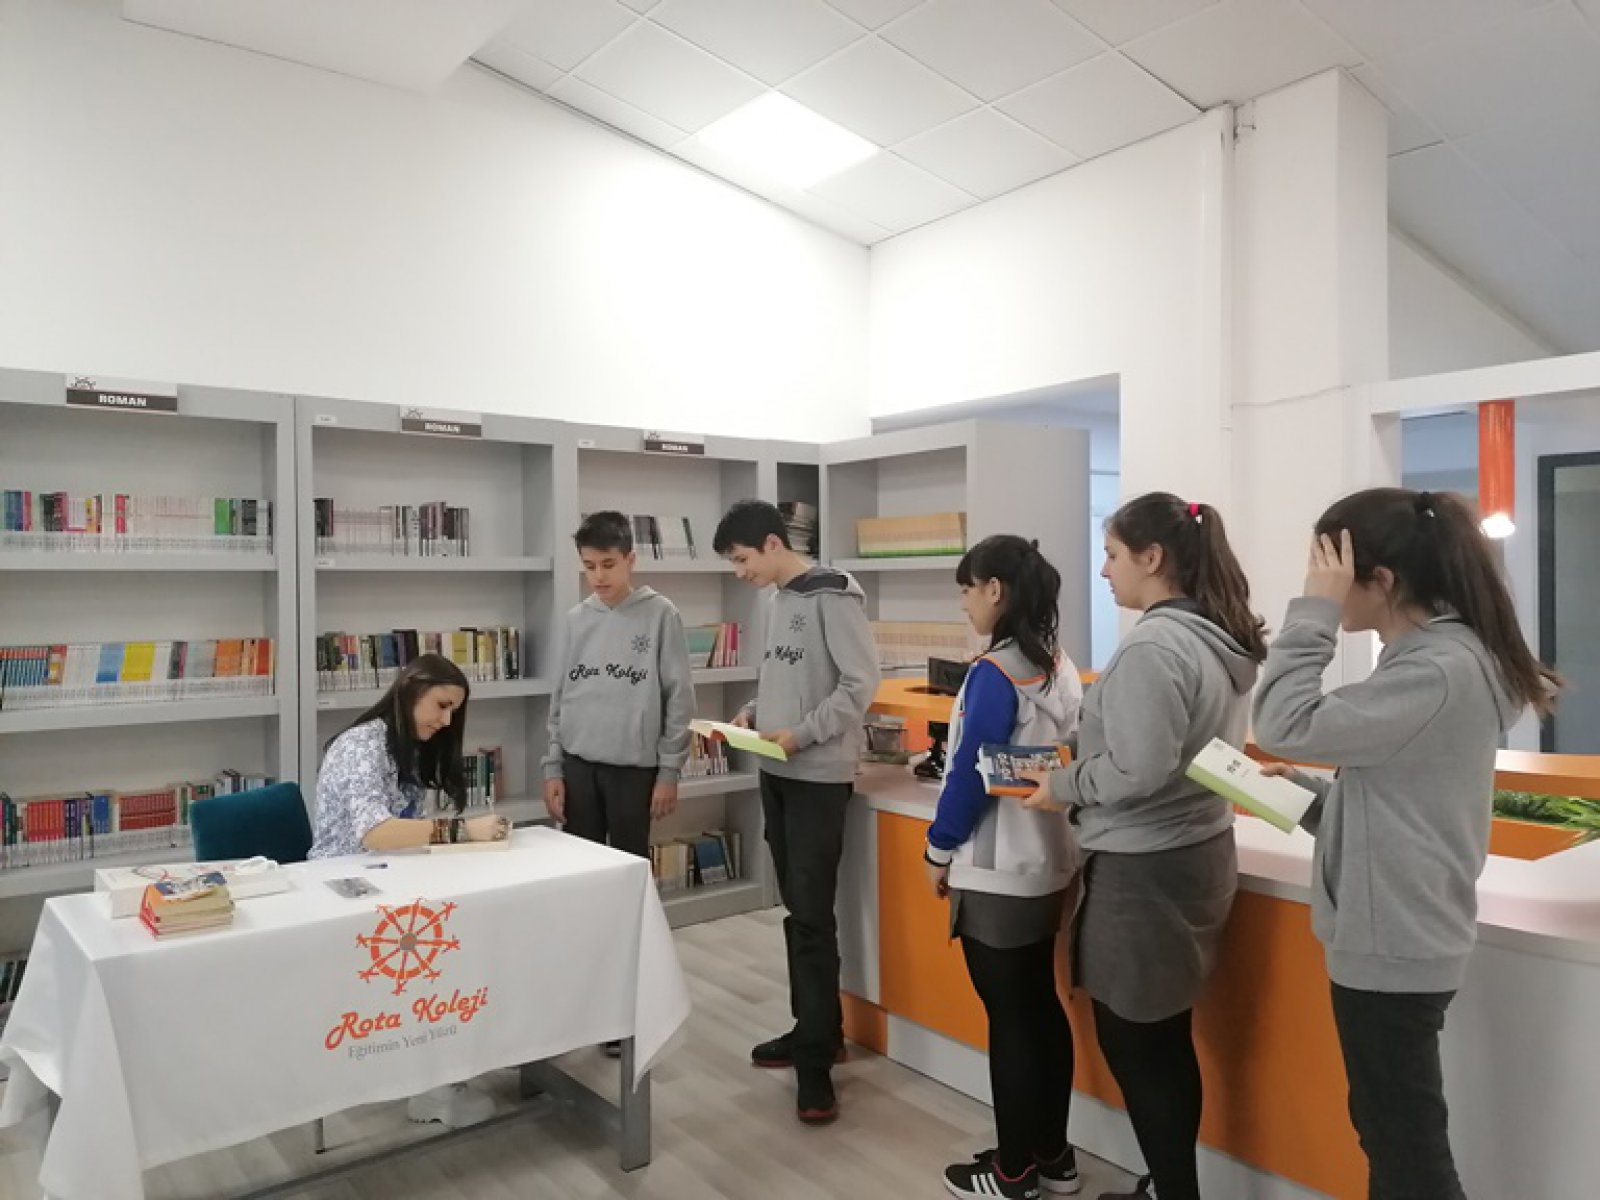 Hanzade SERVİ ile Söyleşi